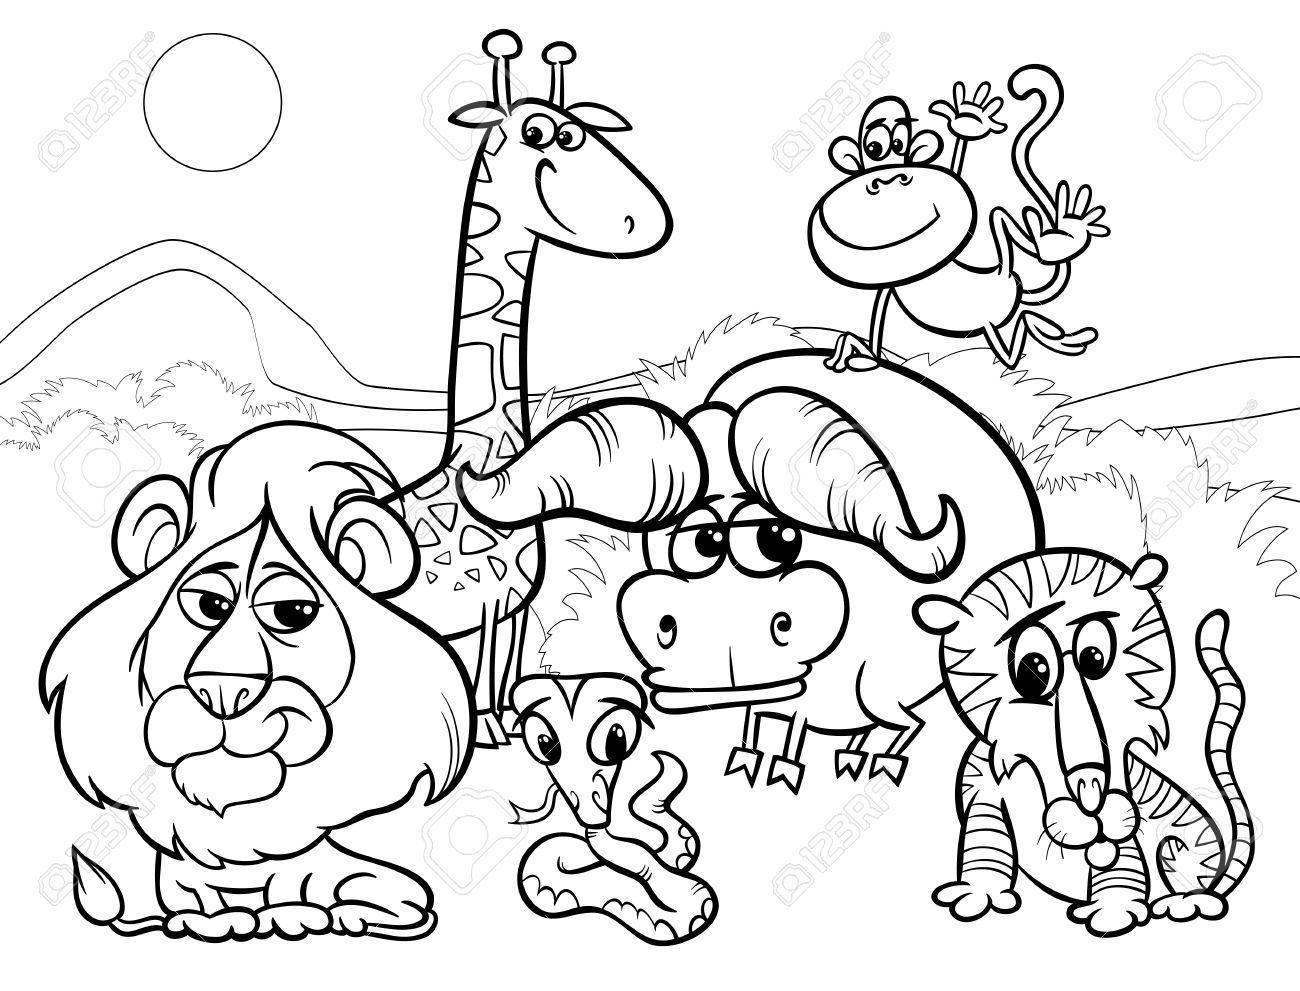 Blanco Y Negro De Dibujos Animados Ilustración De Escena Con ...